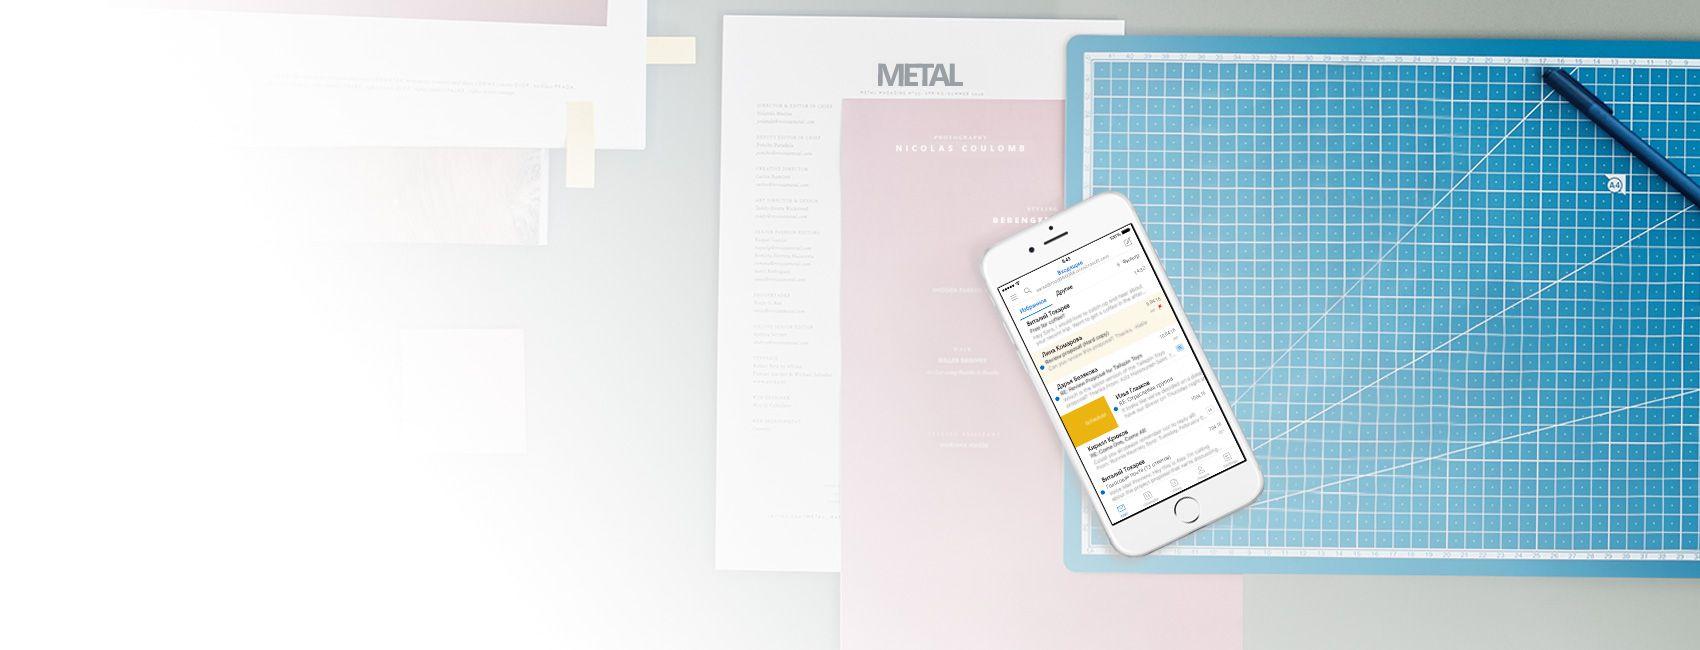 """Телефон с приложением Outlook, в котором открыта папка """"Входящие""""."""